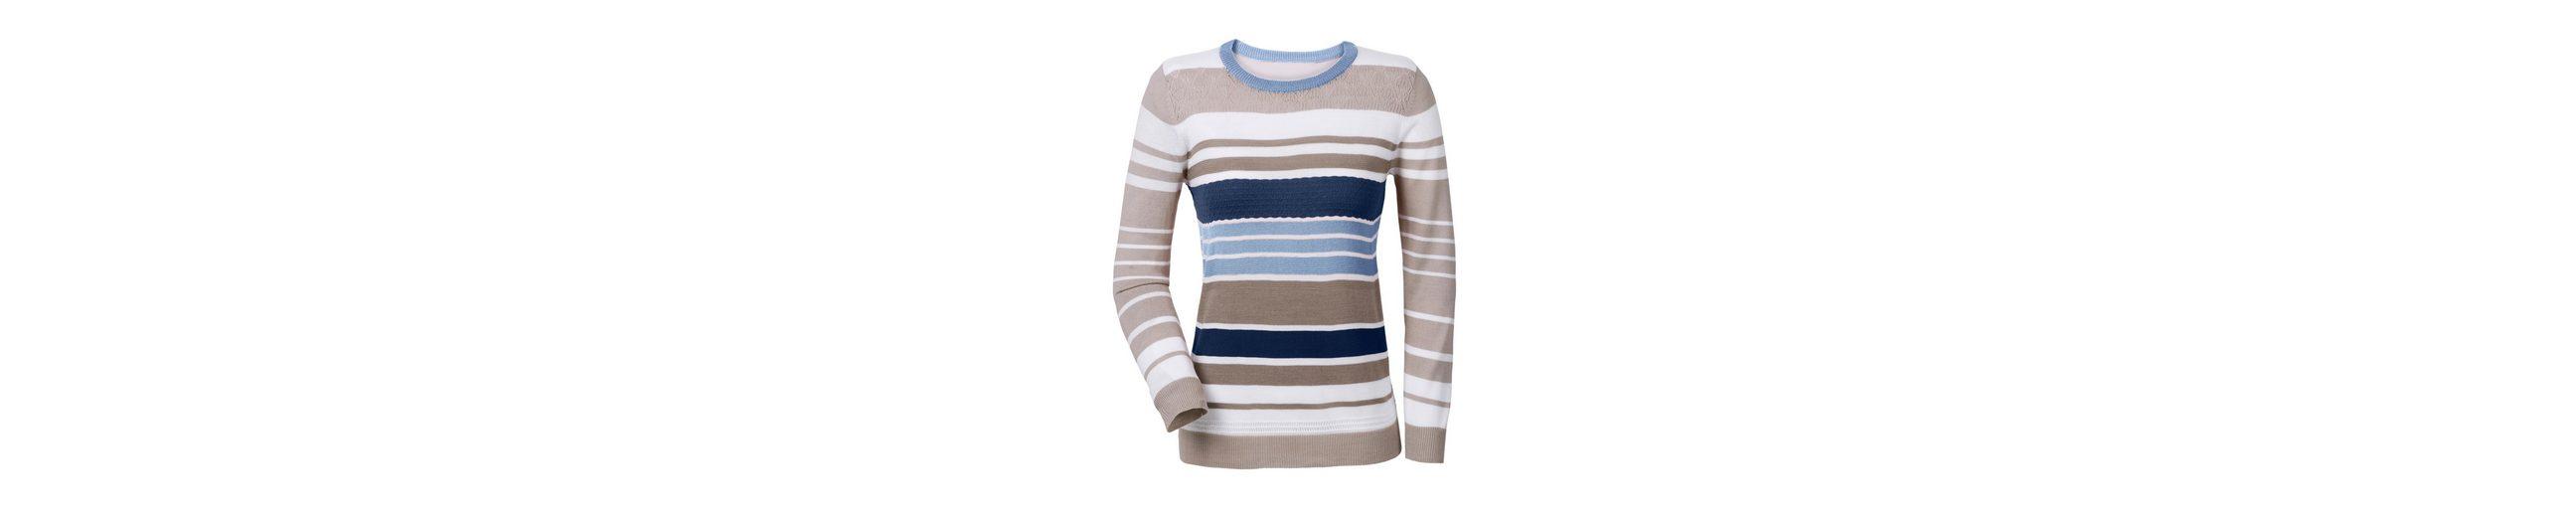 Collection L Pullover im Ringel-Dessin Neue Version Billig Verkauf Beruf Billig Verkauf Größte Lieferant Günstig Kaufen 2018 Neueste W2P4nTMGb